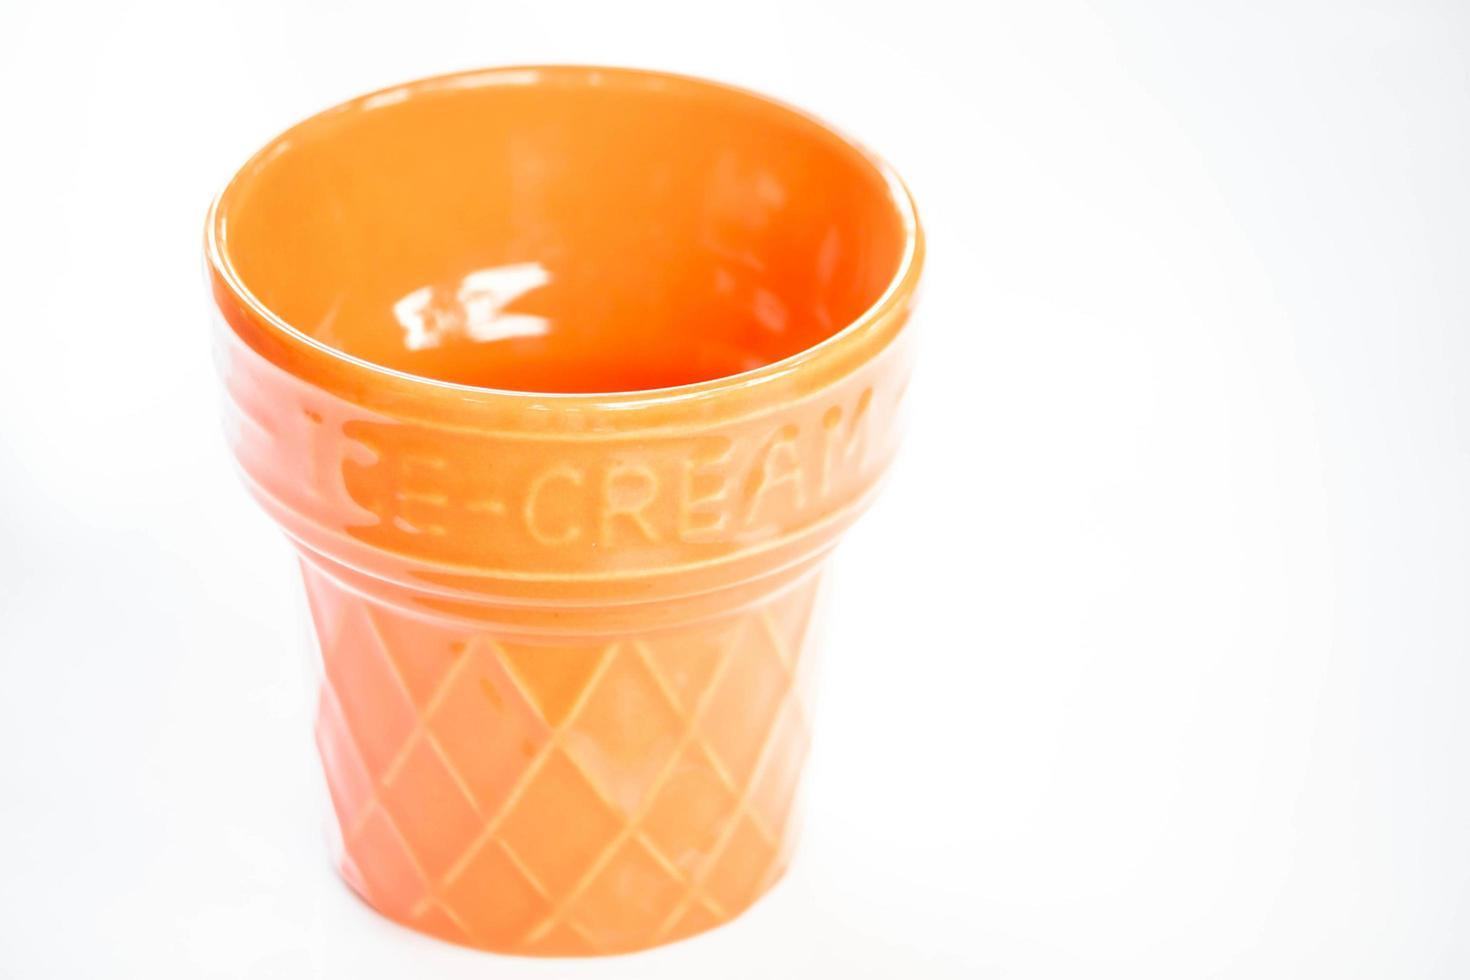 Tasse en céramique orange sur fond blanc photo